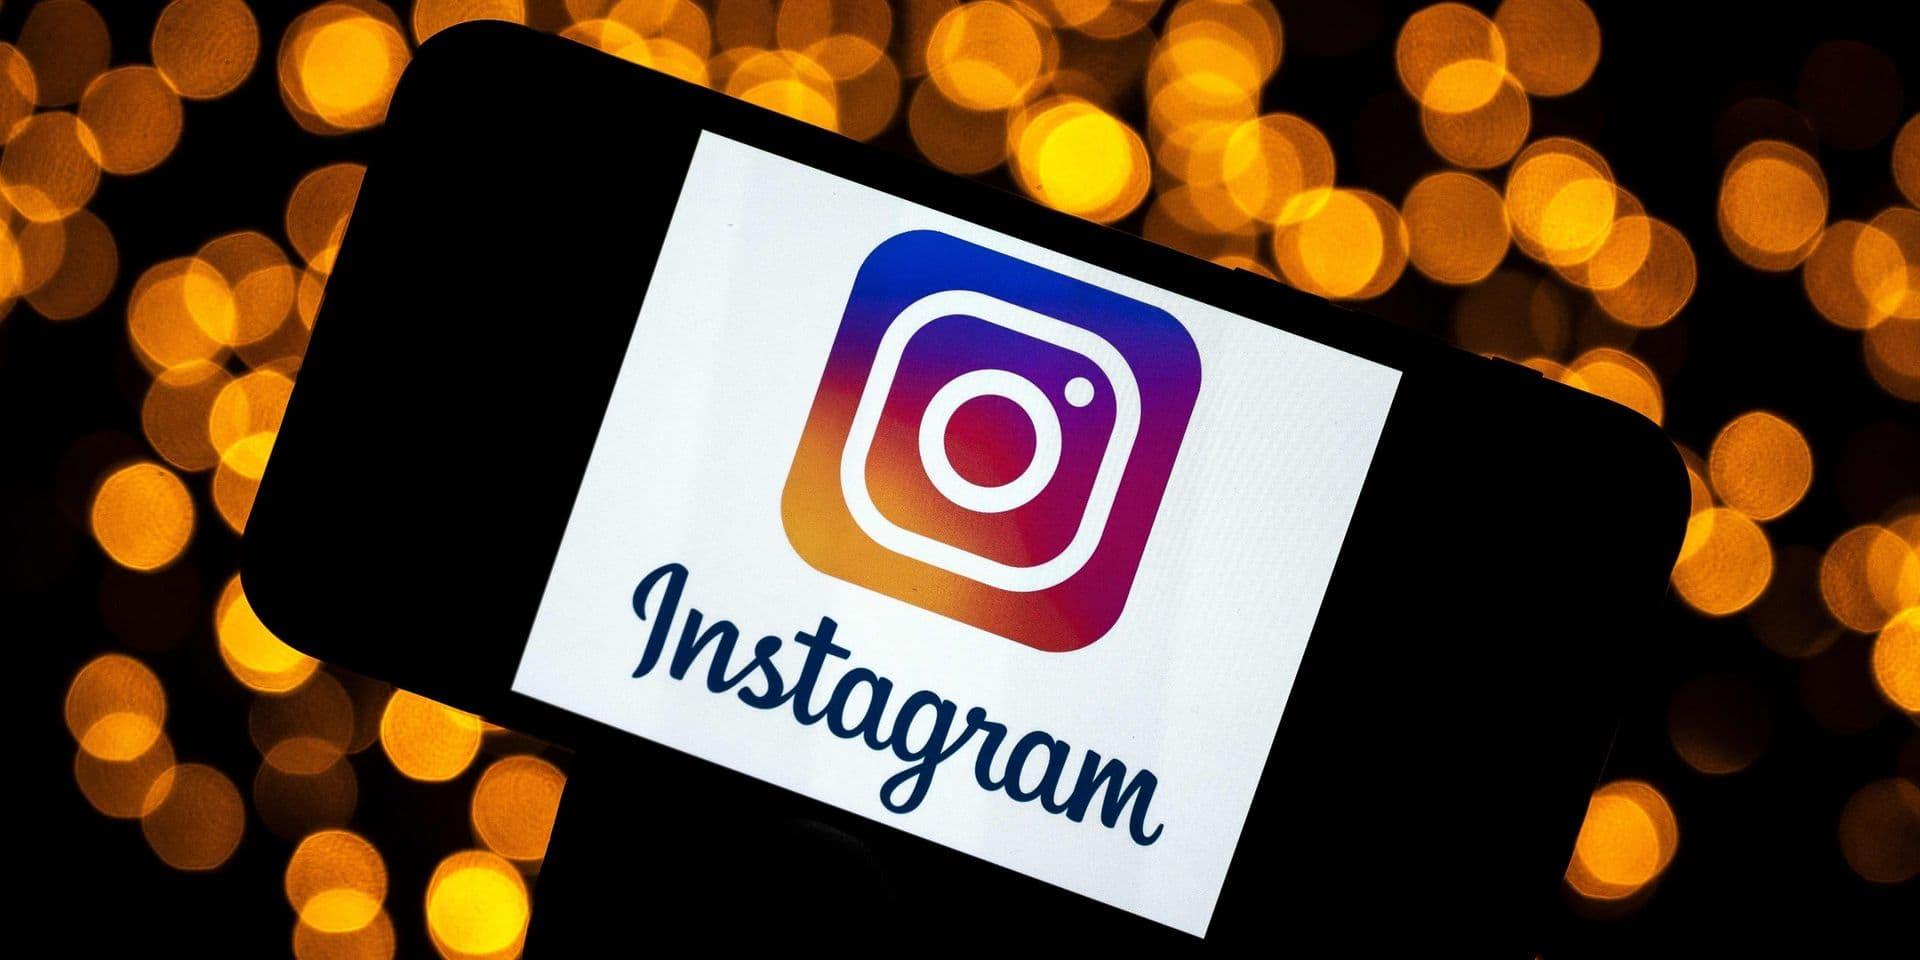 Instagram veut lutter contre le harcèlement en masquant les insultes dans les messages privés